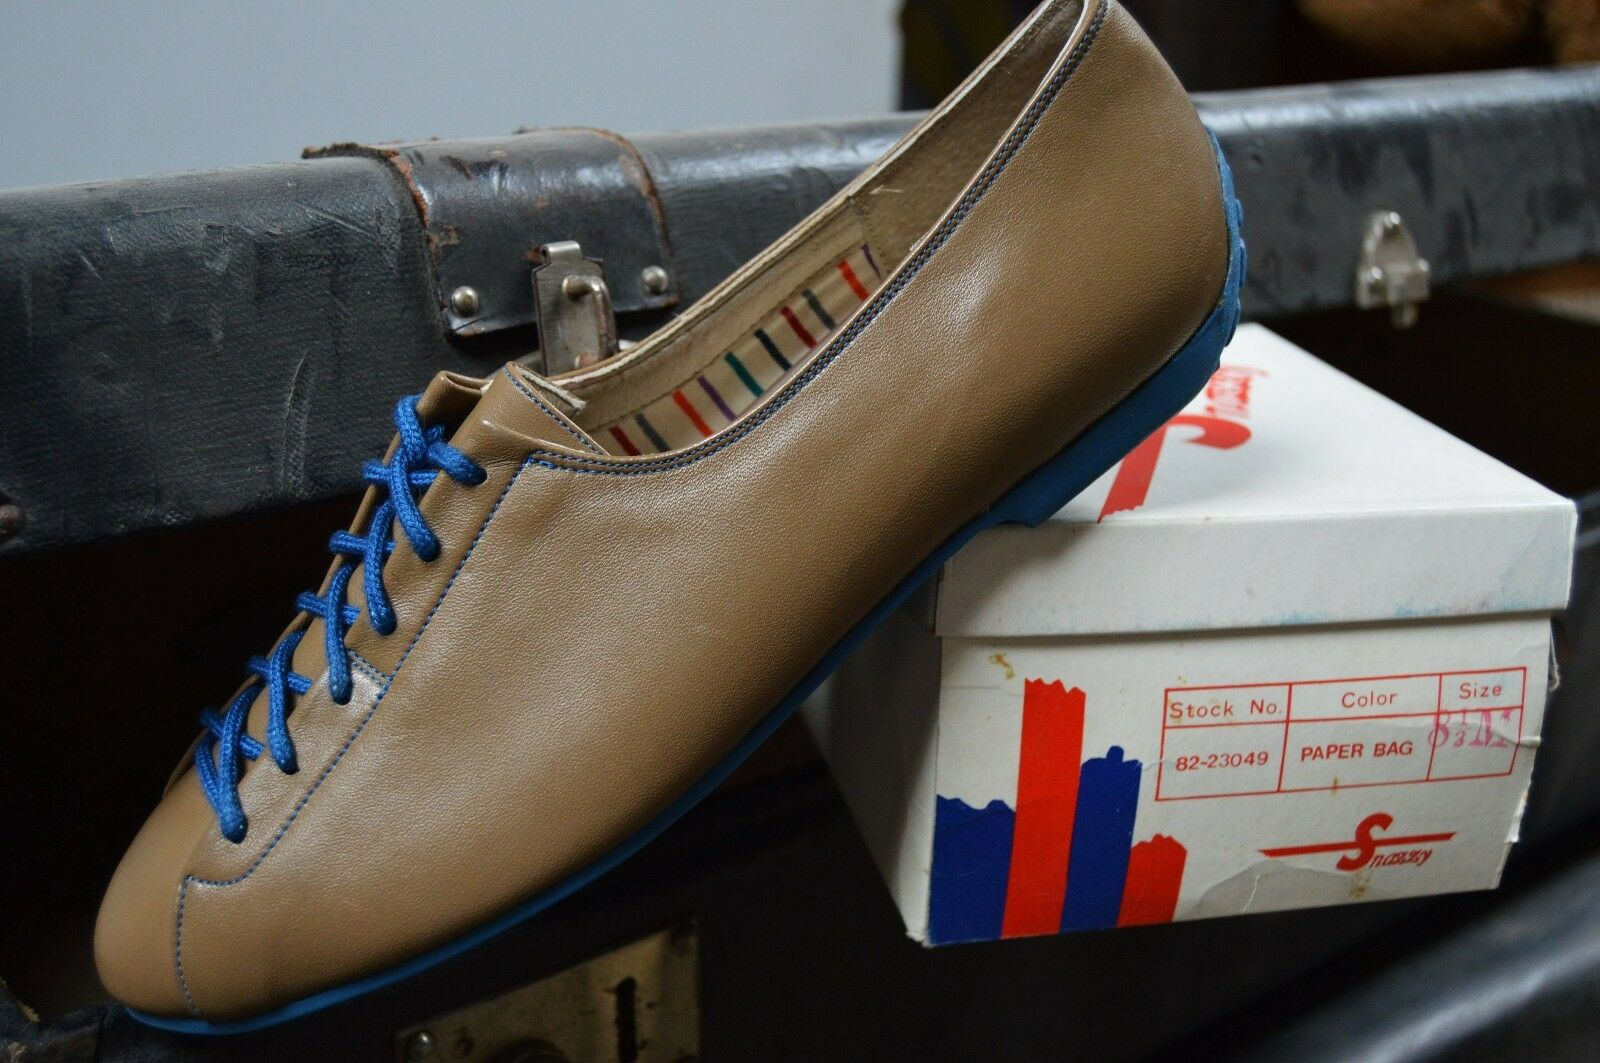 Snazzy zapato zapato zapato bajo nos 90s True vintage casual plano bailarinas 38,5  caliente